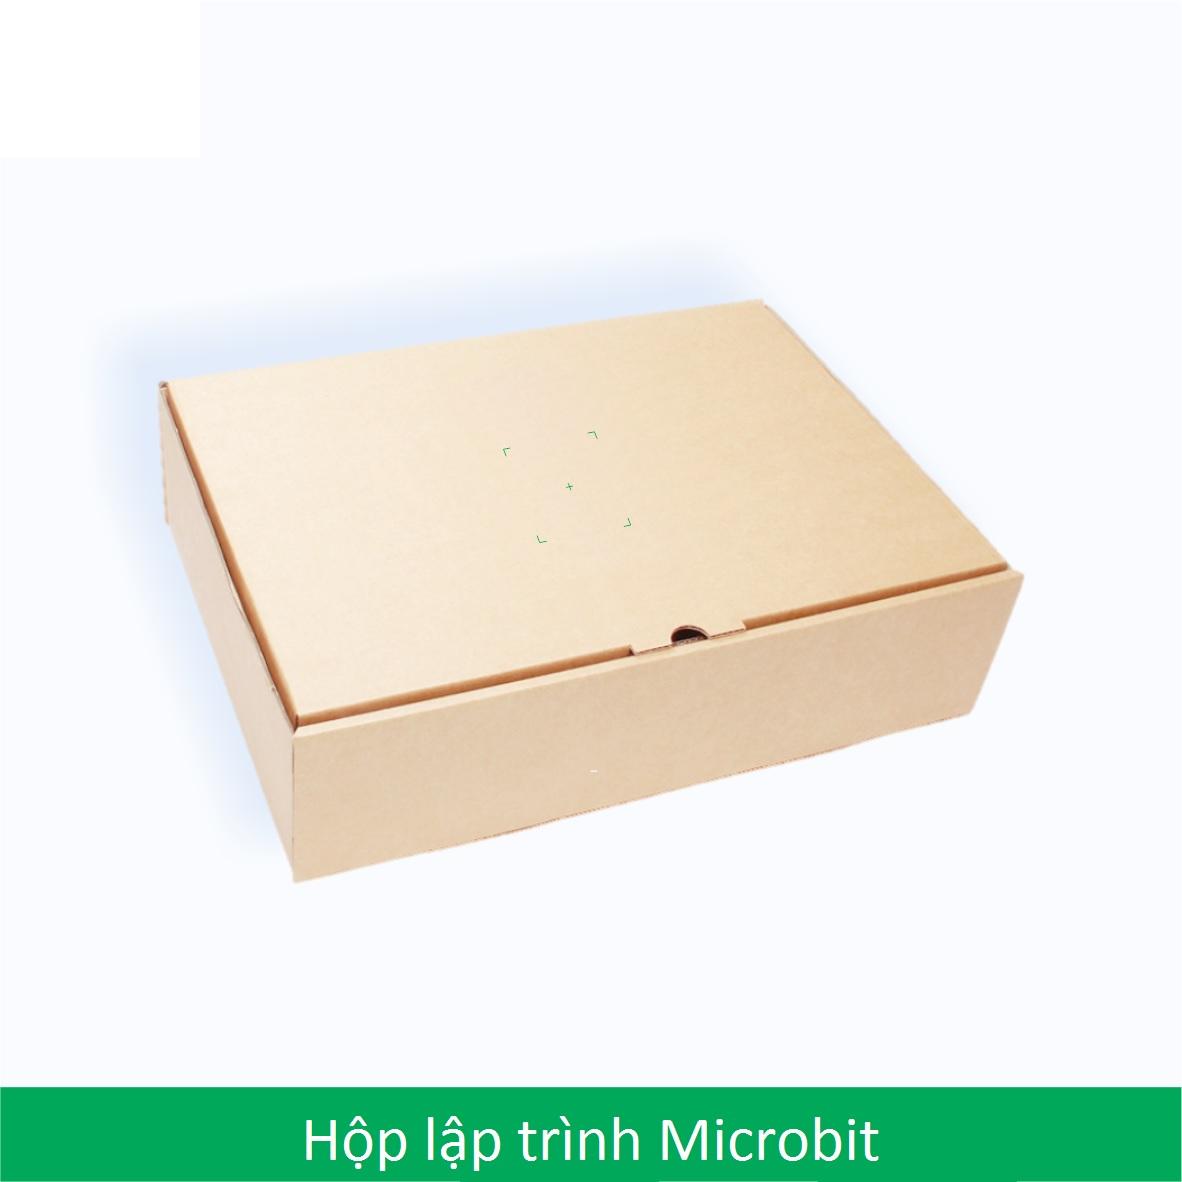 Hộp lập trình microbit - Lập trình cho trẻ em Học lập trình microbit